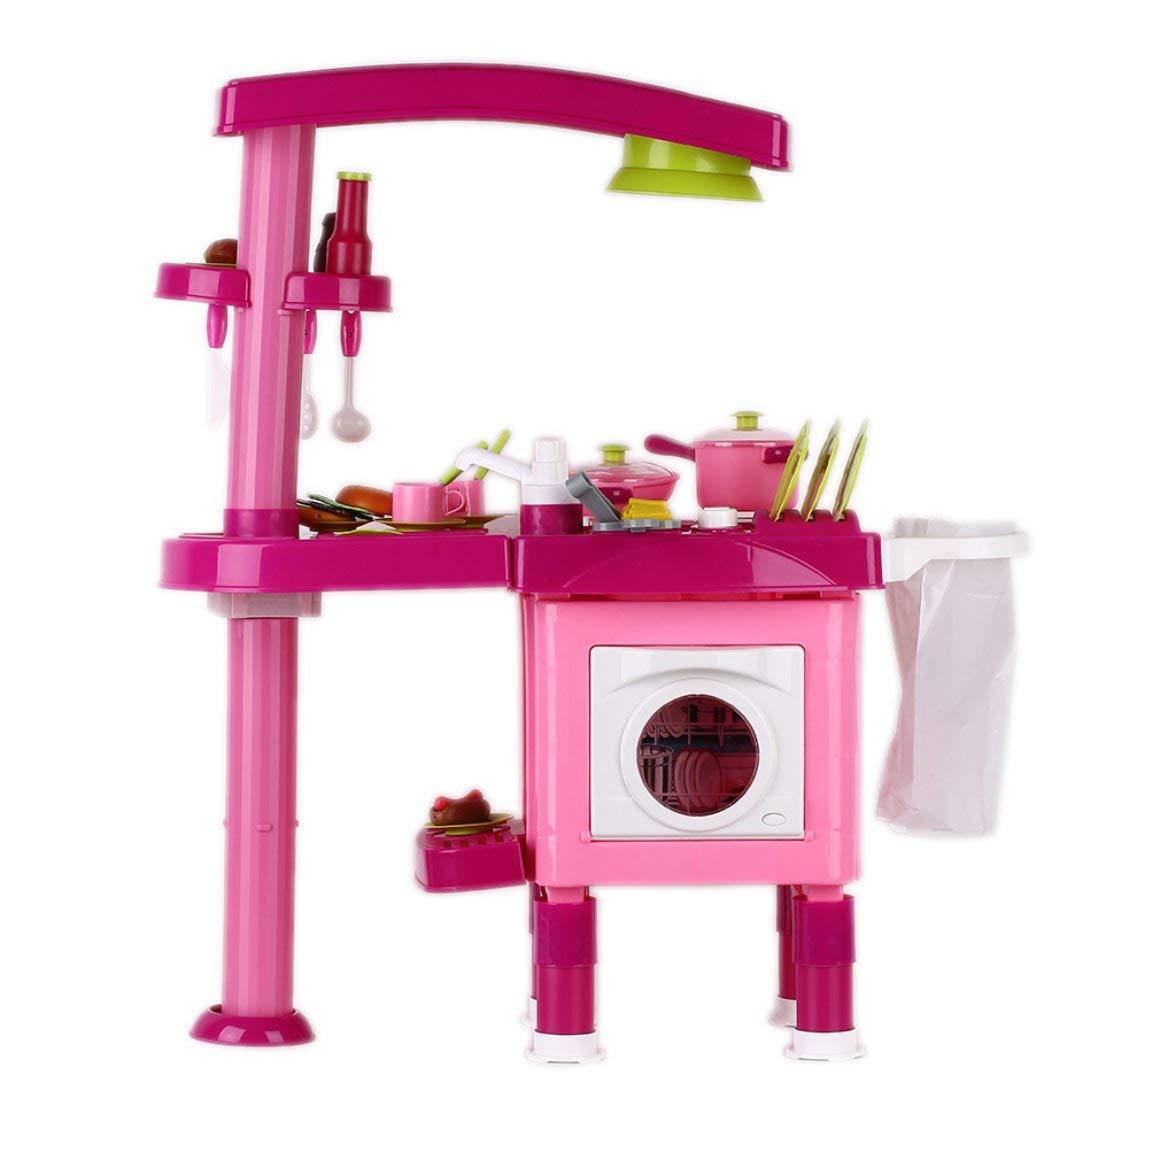 Funnyrunstore 69 Pz Bambini Bambini Cucina Cucina Giocattolo Ragazzi Ragazze Fornello Set Giocattoli educativi Gioco di Ruolo Fingere Toy Cook Game